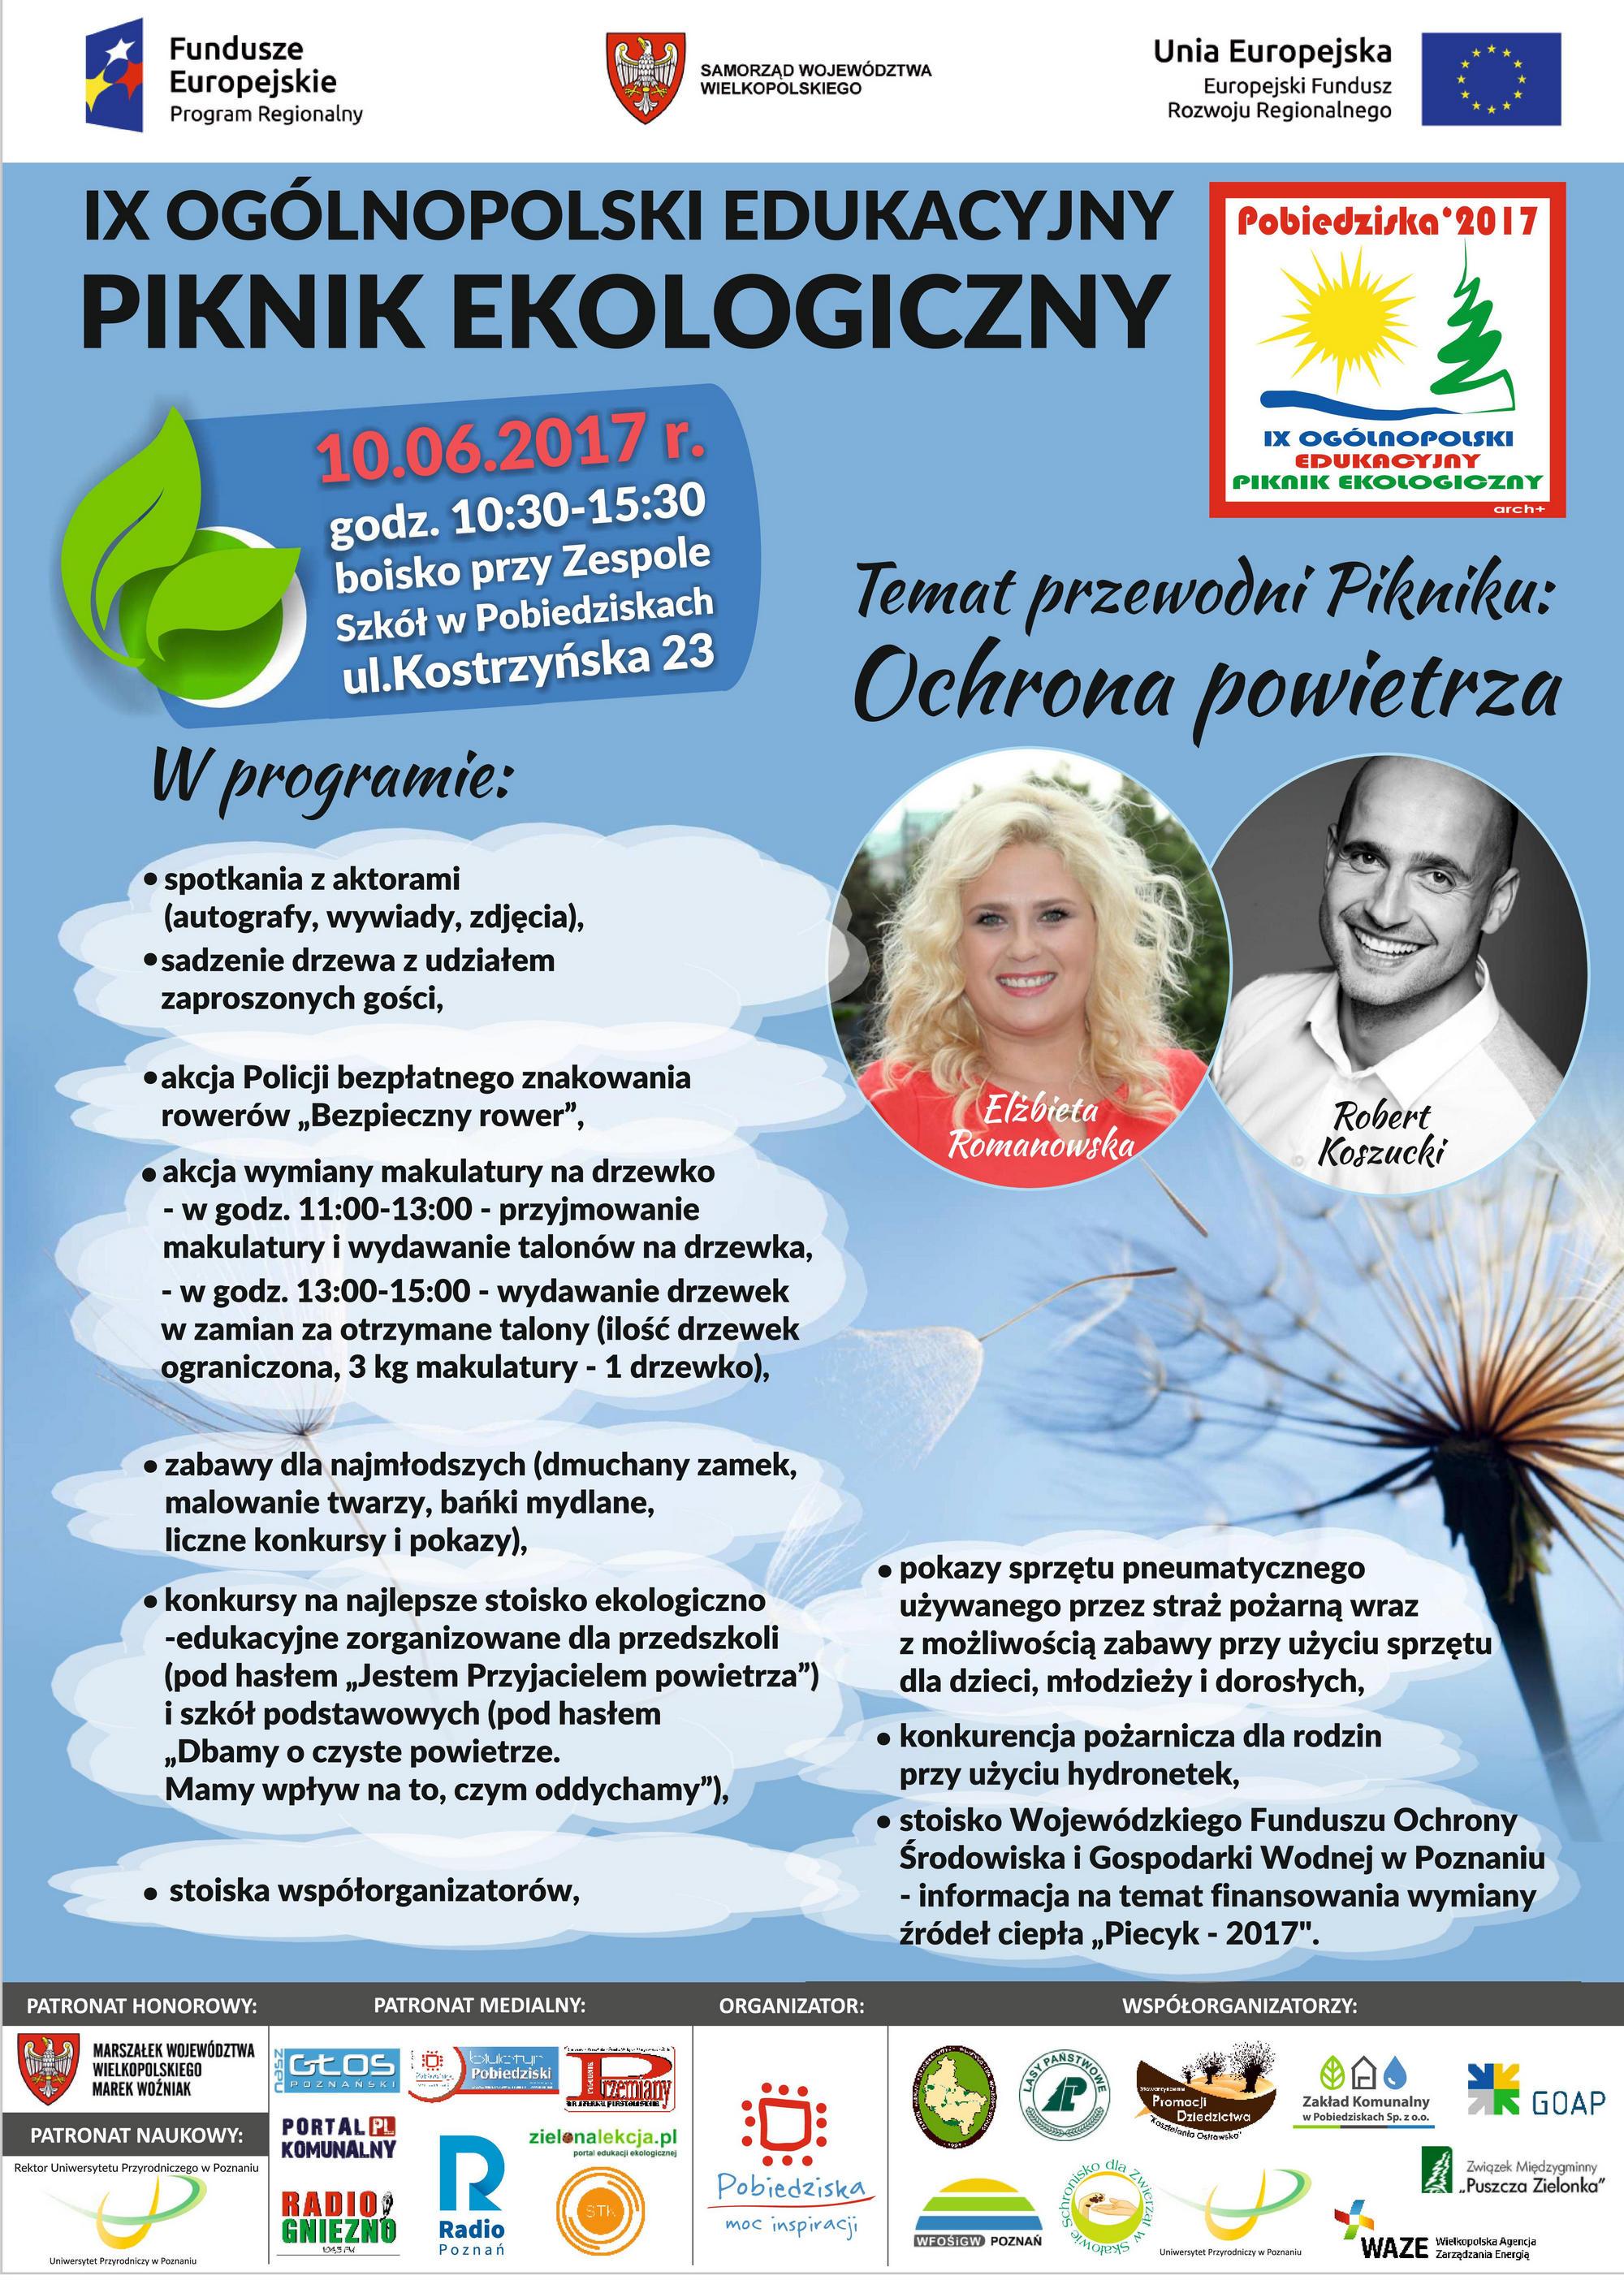 IX Ogólnopolski Edukacyjny Piknik Ekologiczny w Pobiedziskach 2017 plakat